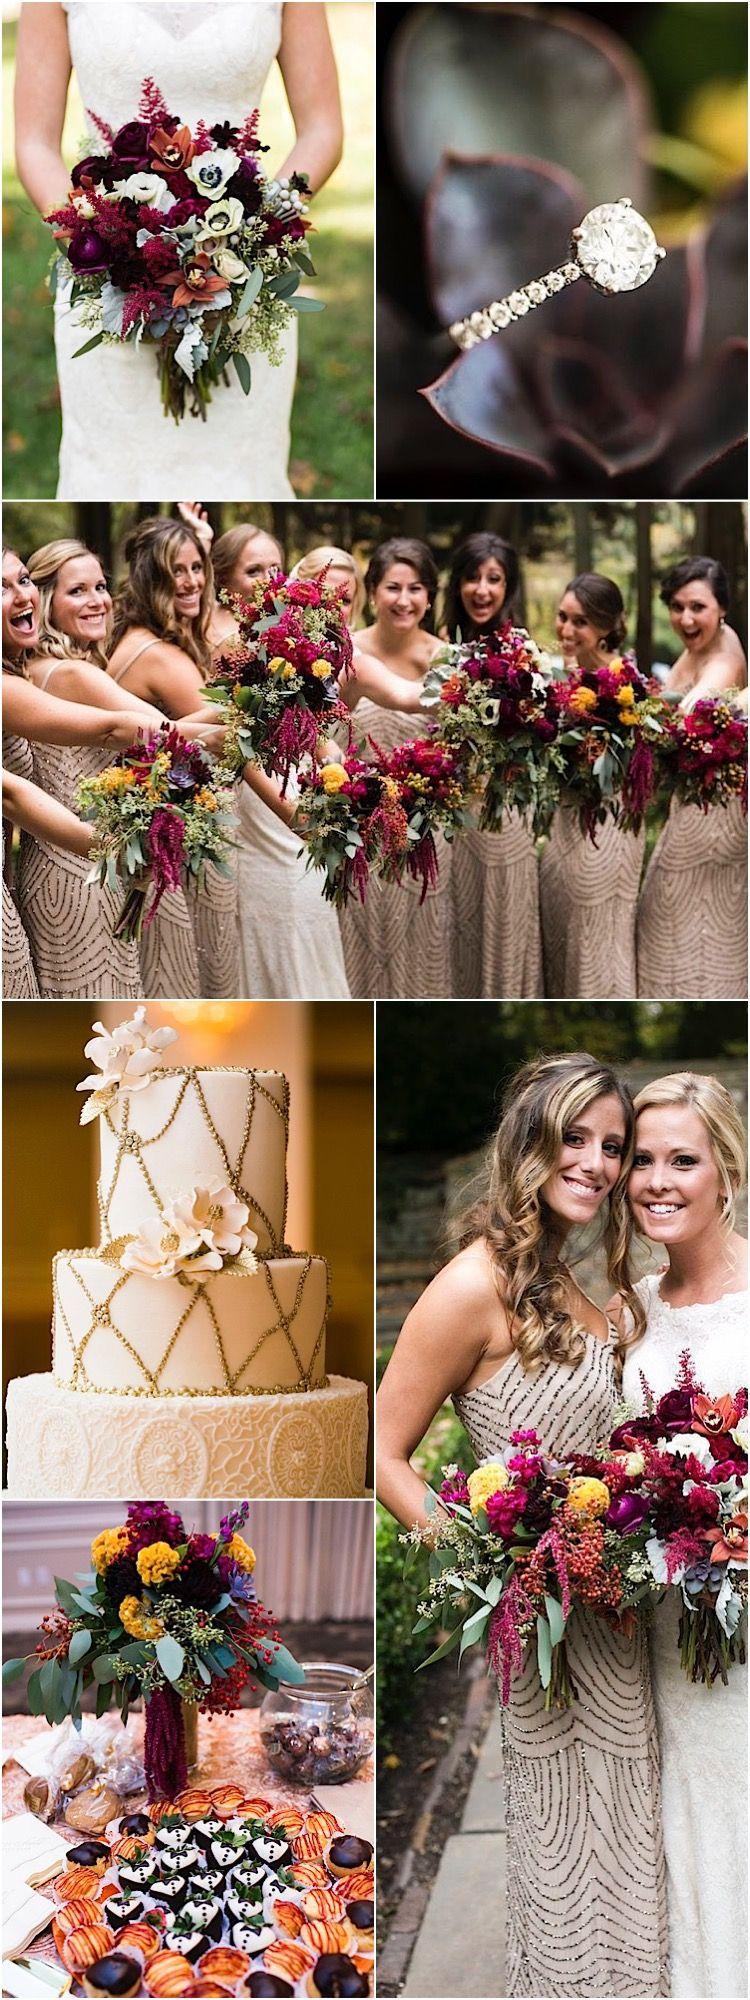 s Bohemian Pennsylvania Wedding  Wedding Ideas  Pinterest